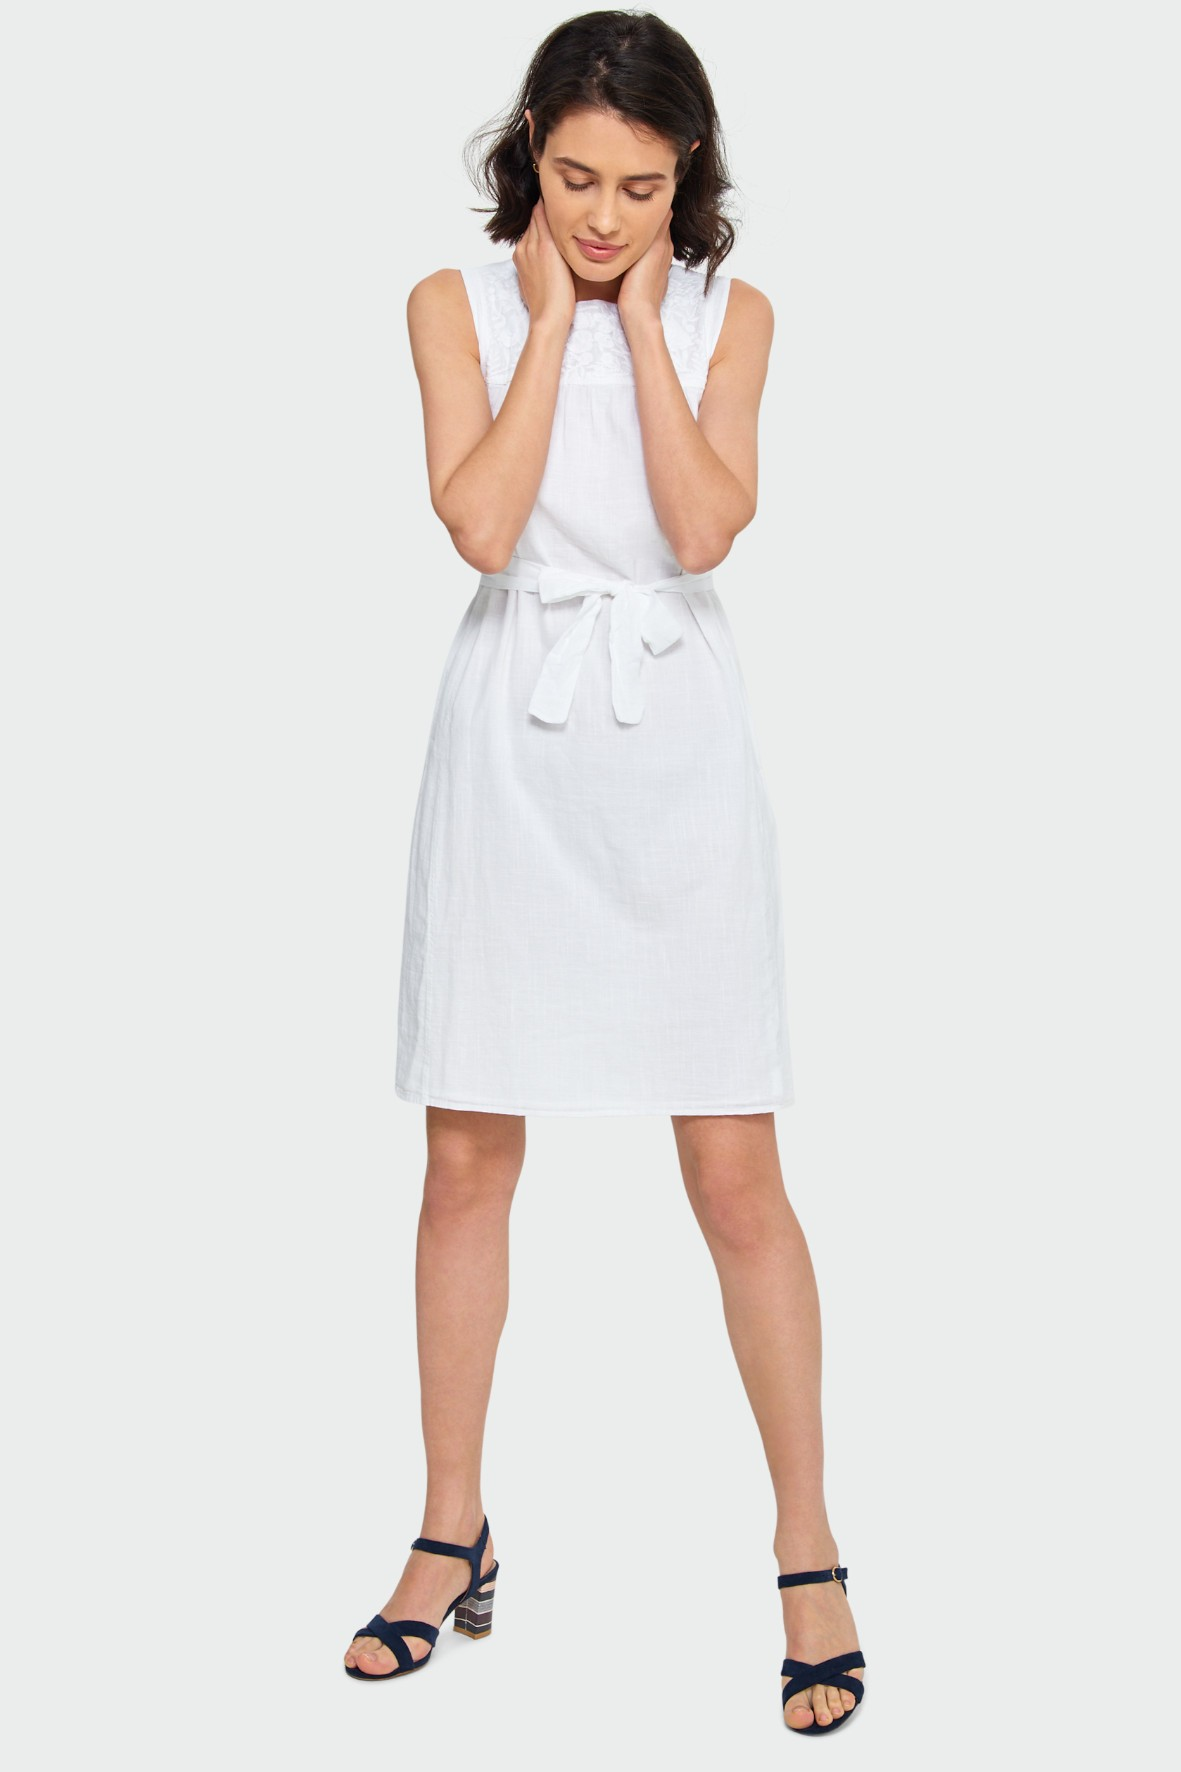 Biała bawełniana sukienka o luźnym kroju z dekoracyjną wstawką przy dekolcie